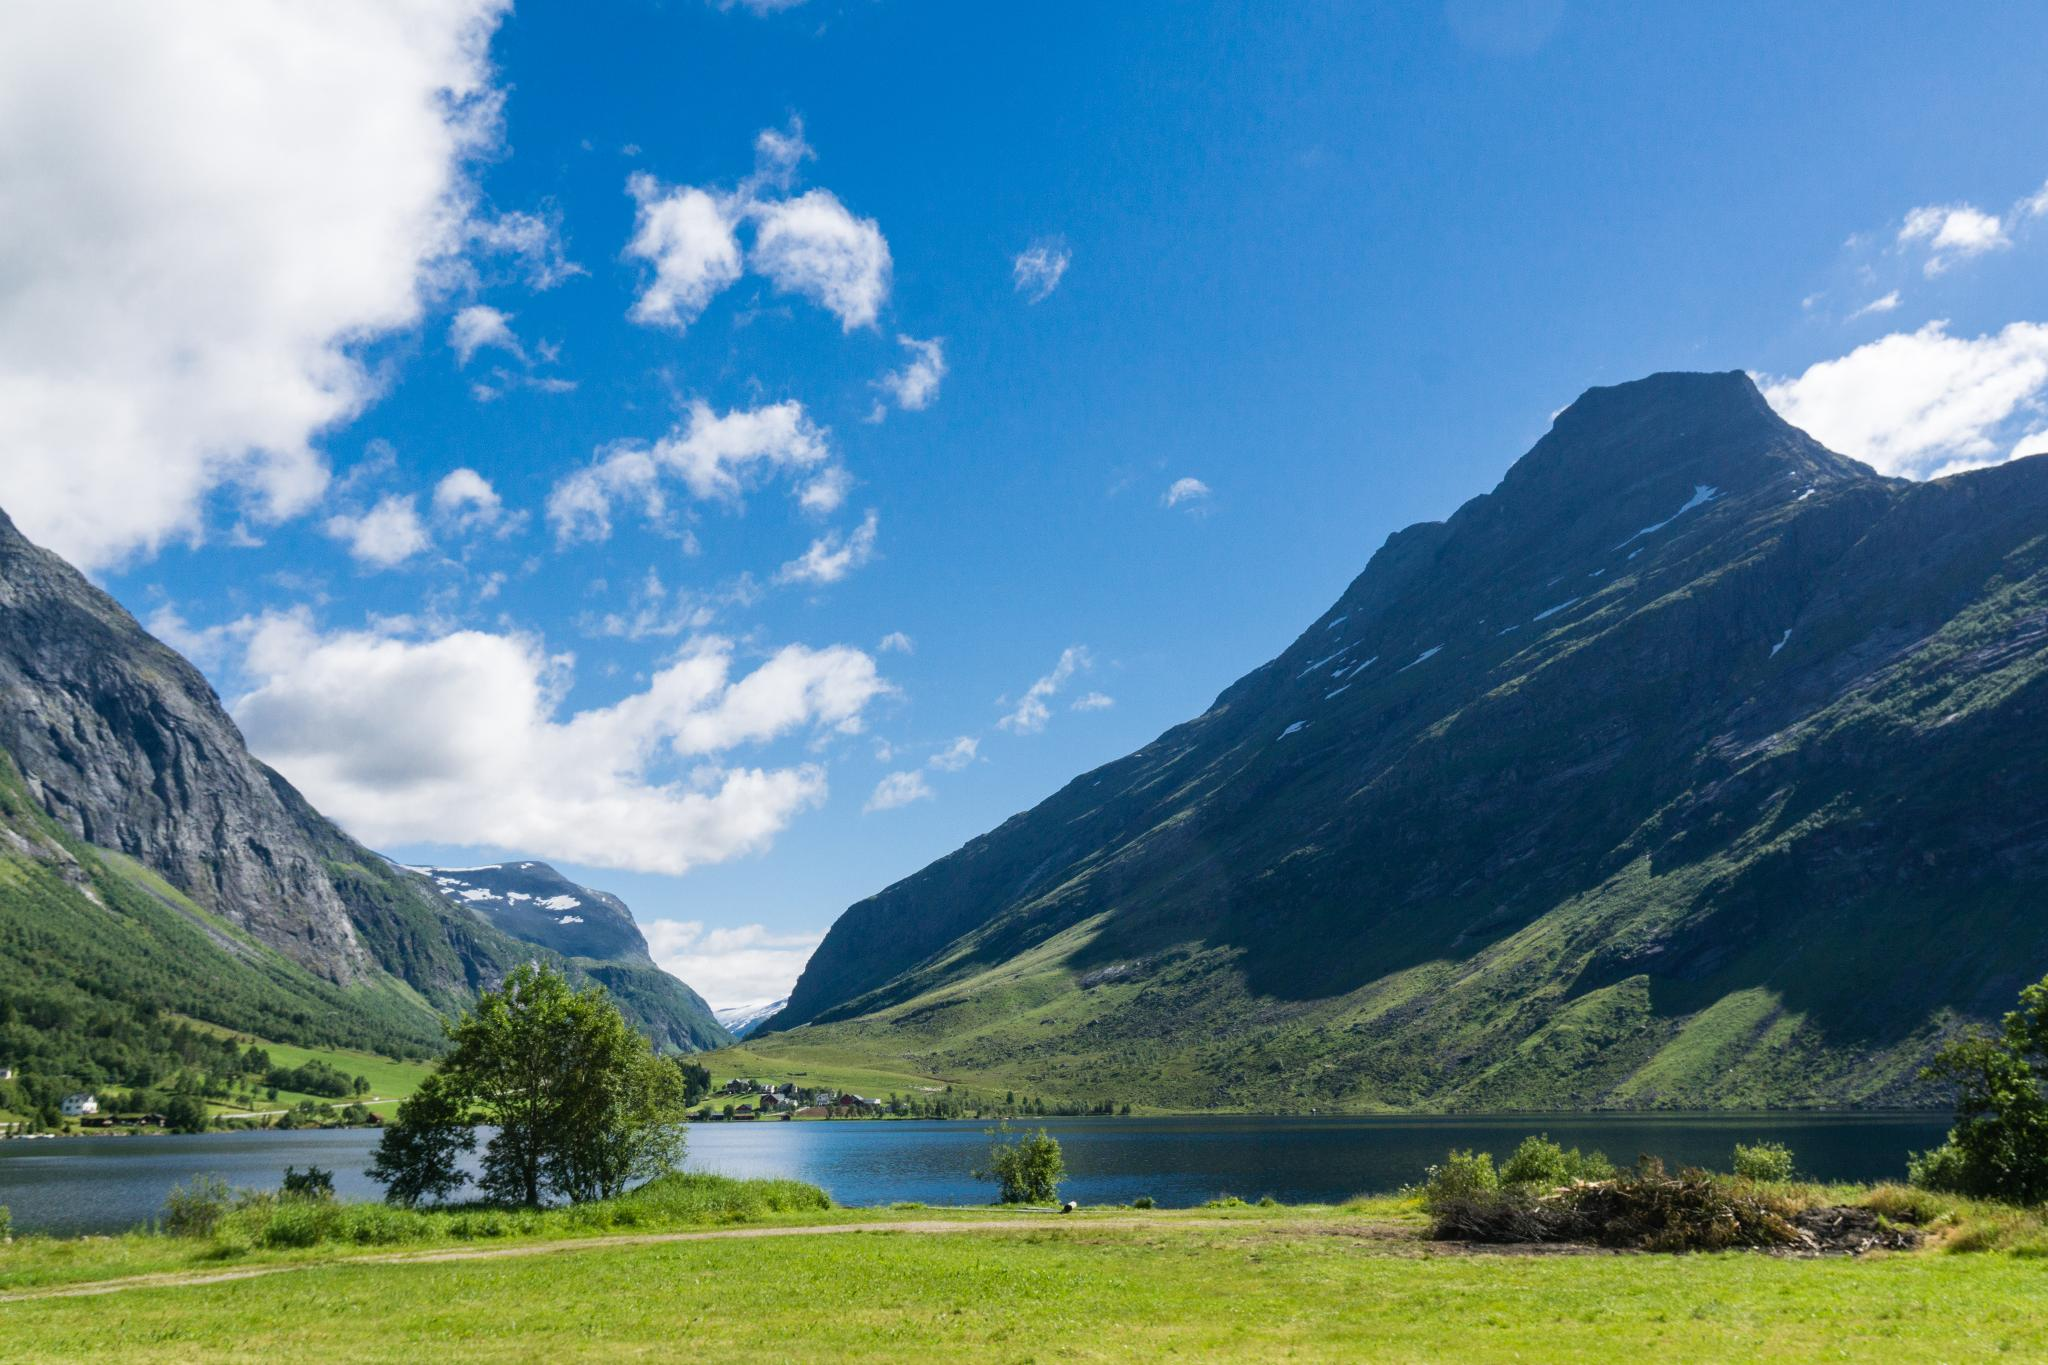 【北歐景點】Ørnesvingen 老鷹之路 ∣ 挪威世界遺產 — 蓋倫格峽灣景點總整理 6